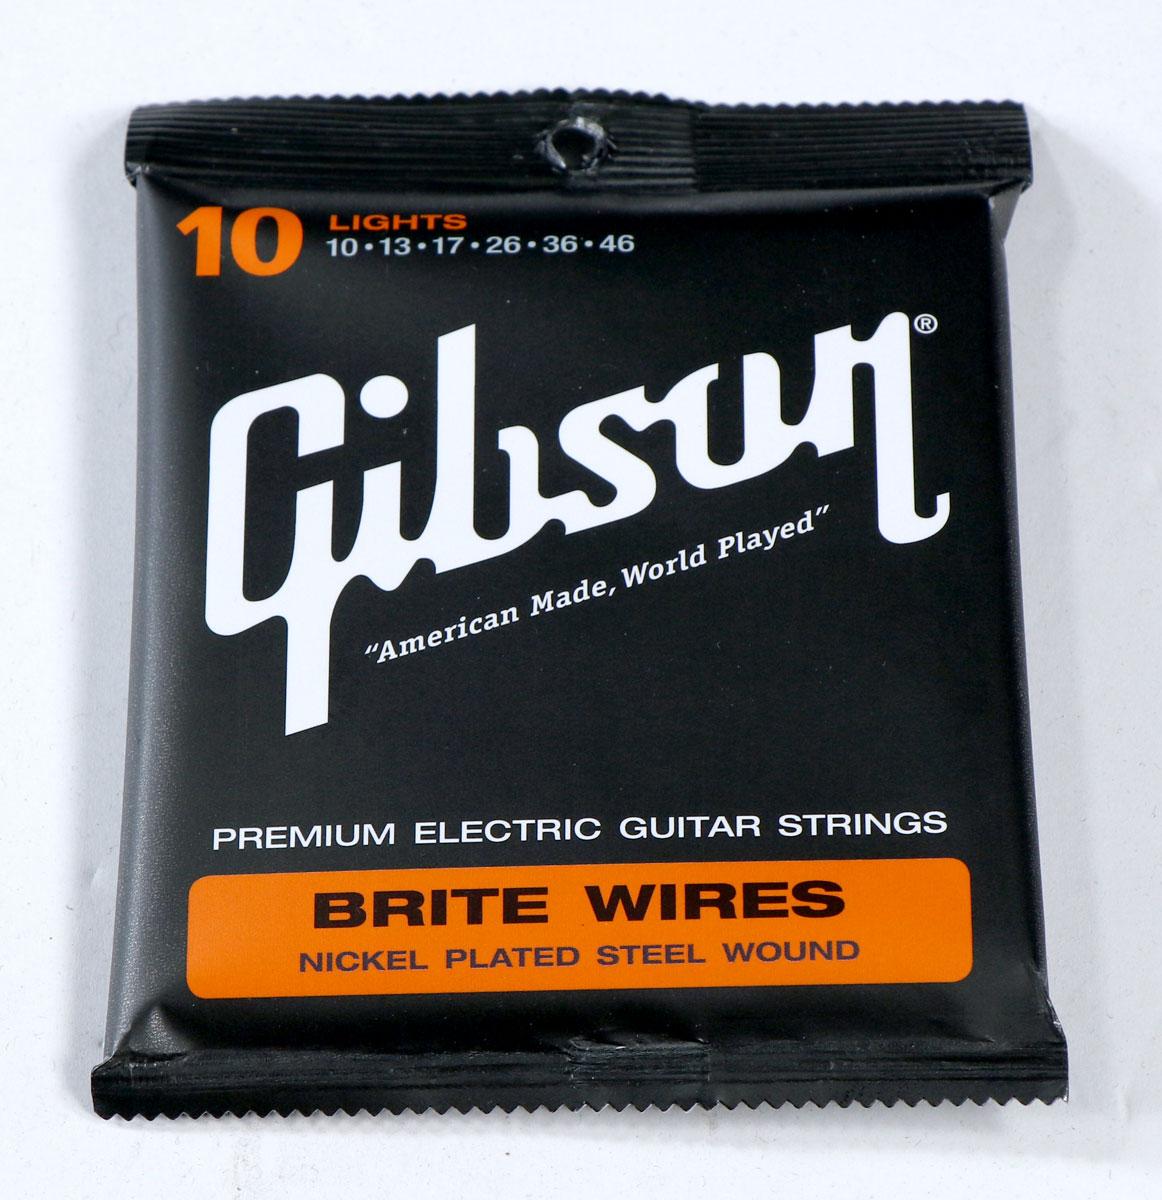 ギター用アクセサリー・パーツ, エレキギター弦 Gibson SEG-700L BRITE WIRES LIGHTS 10-46